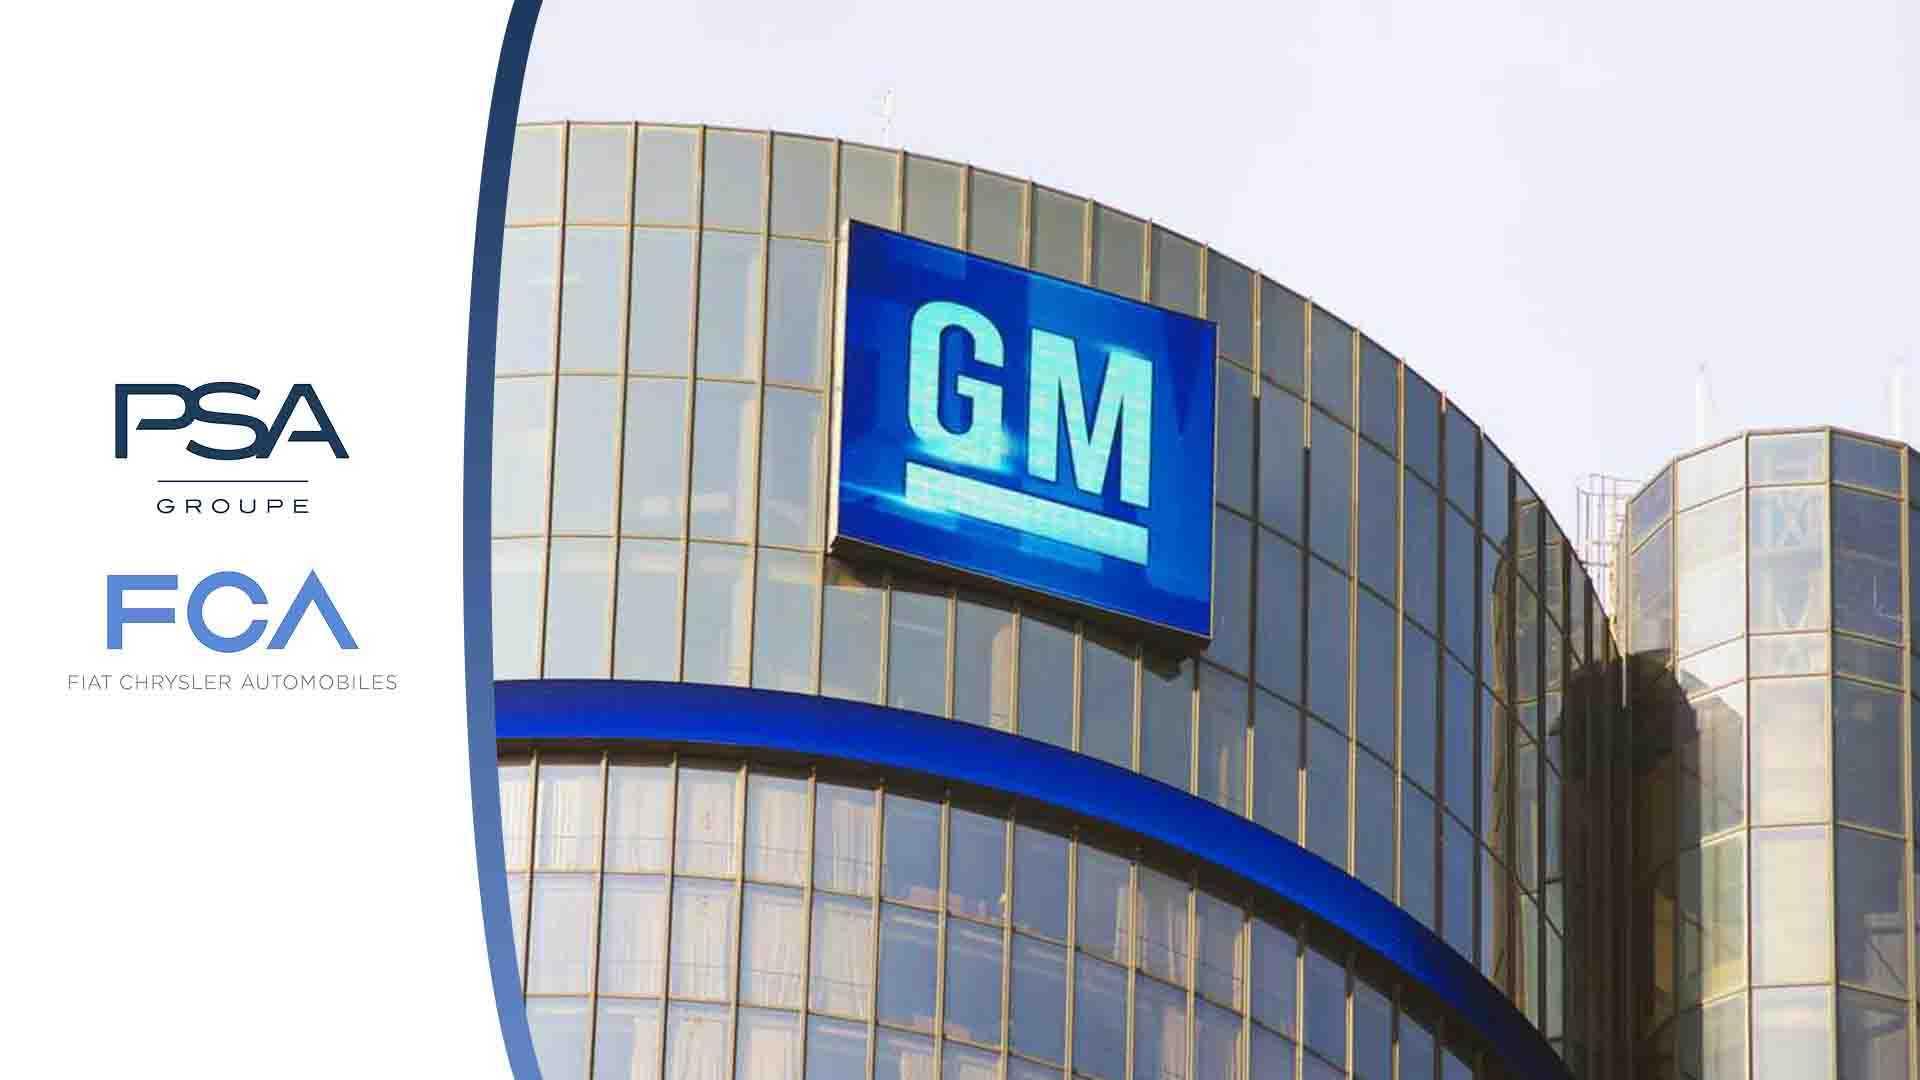 La fusion PSA - FCA mise en cause par la plainte de GM pour corruption ?